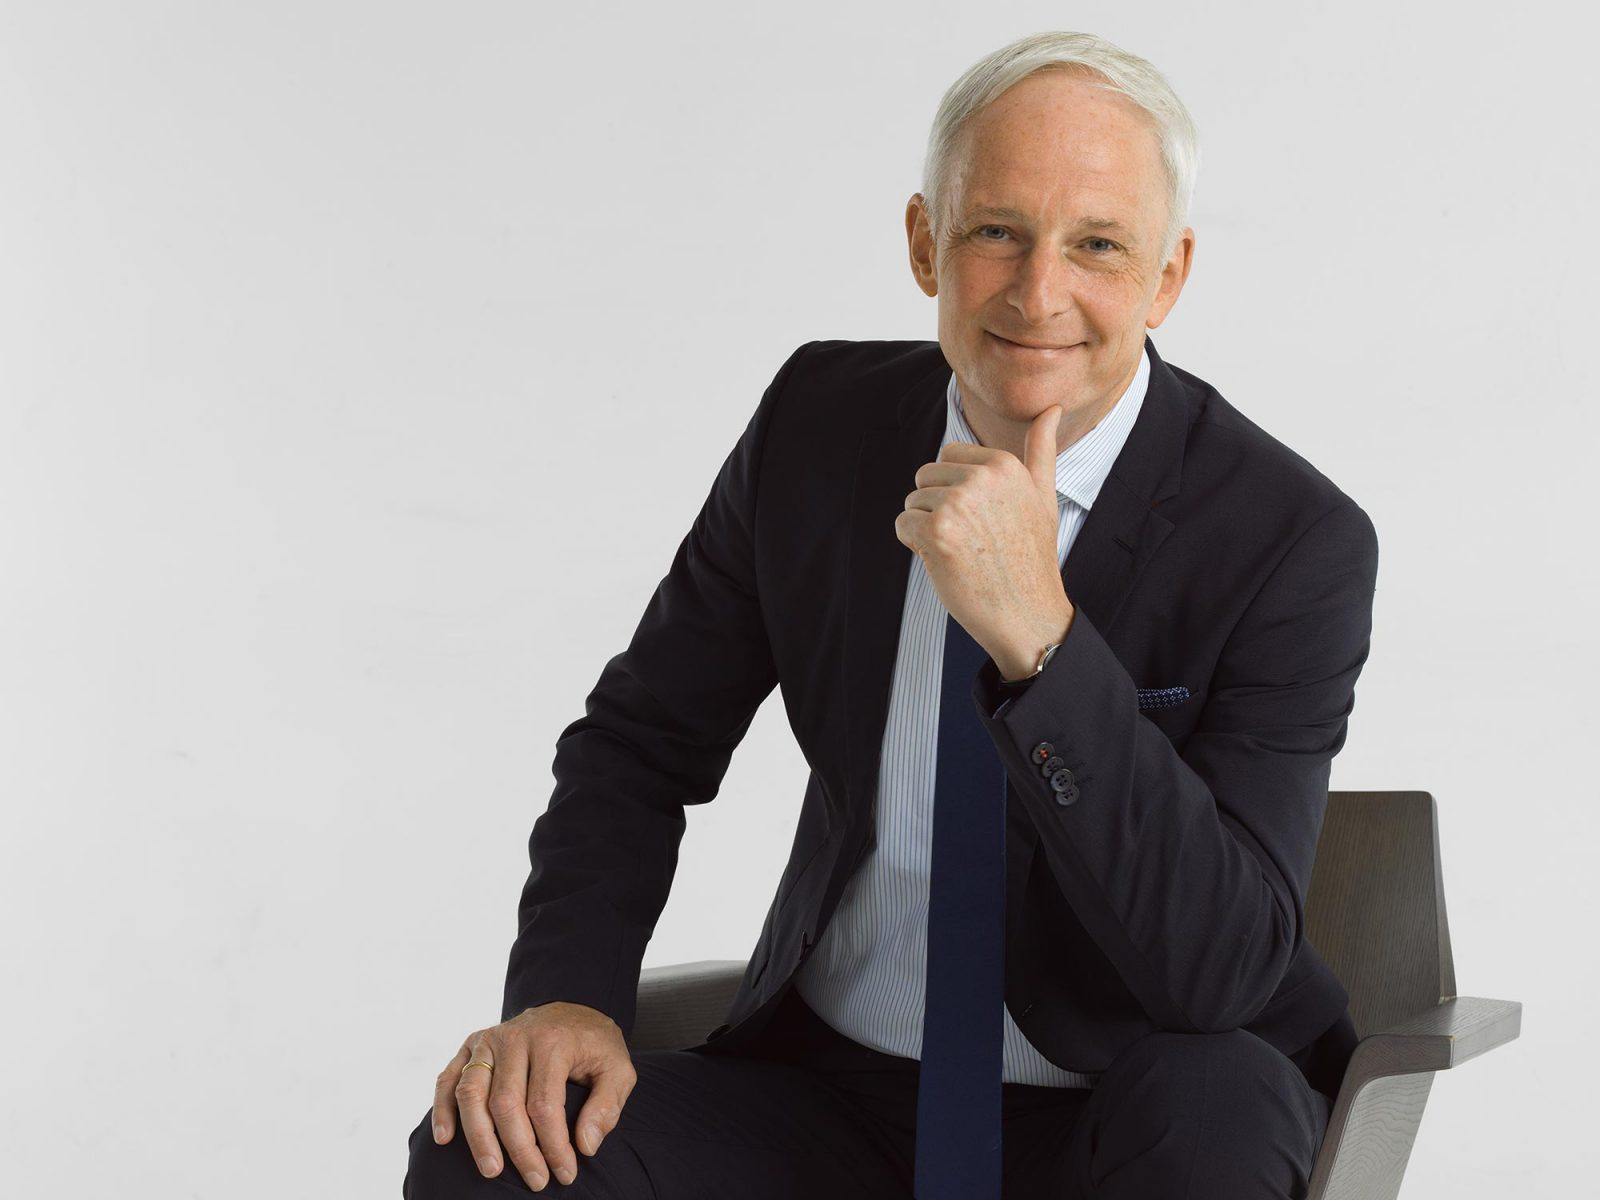 Oberbürgermeister Wolfram Leibe aus Trier ist auch in lässiger Pose überzeugend wie hier auf dem Fotostudio Yaph in Trier